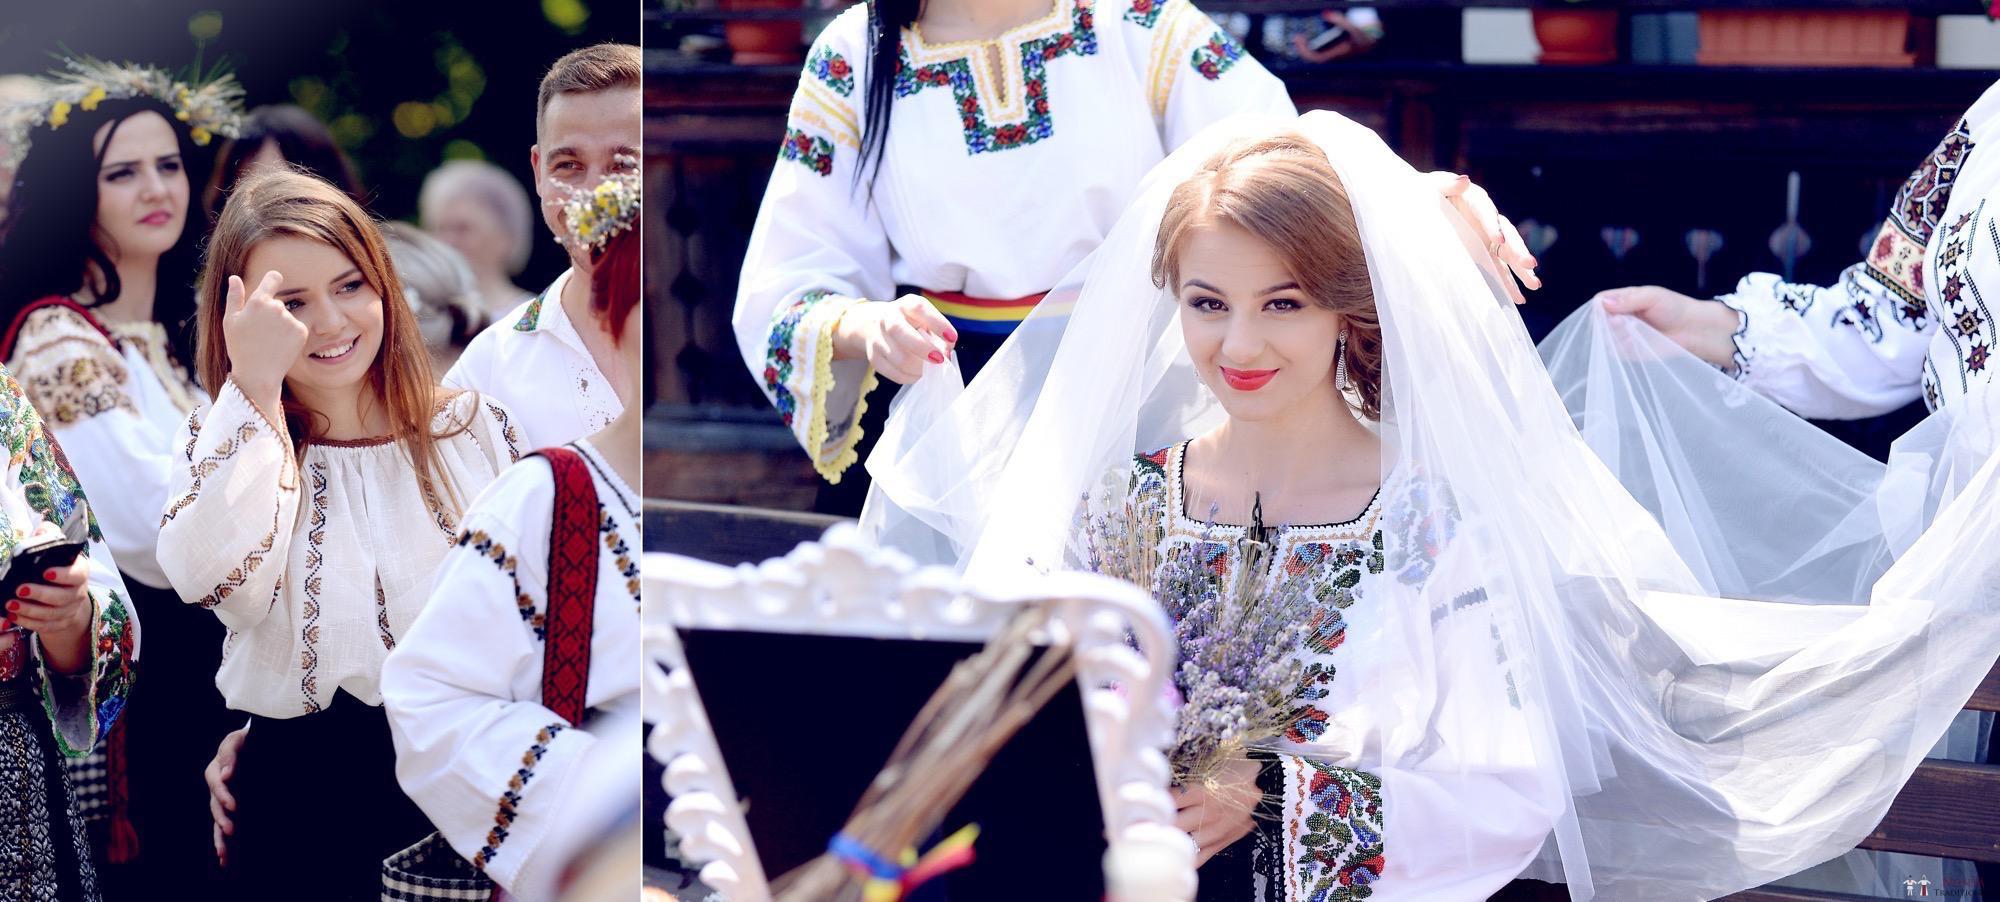 Povești Nunți Tradiționale - Iulia și Andrei. Nuntă tradițională în Bucovina. 44